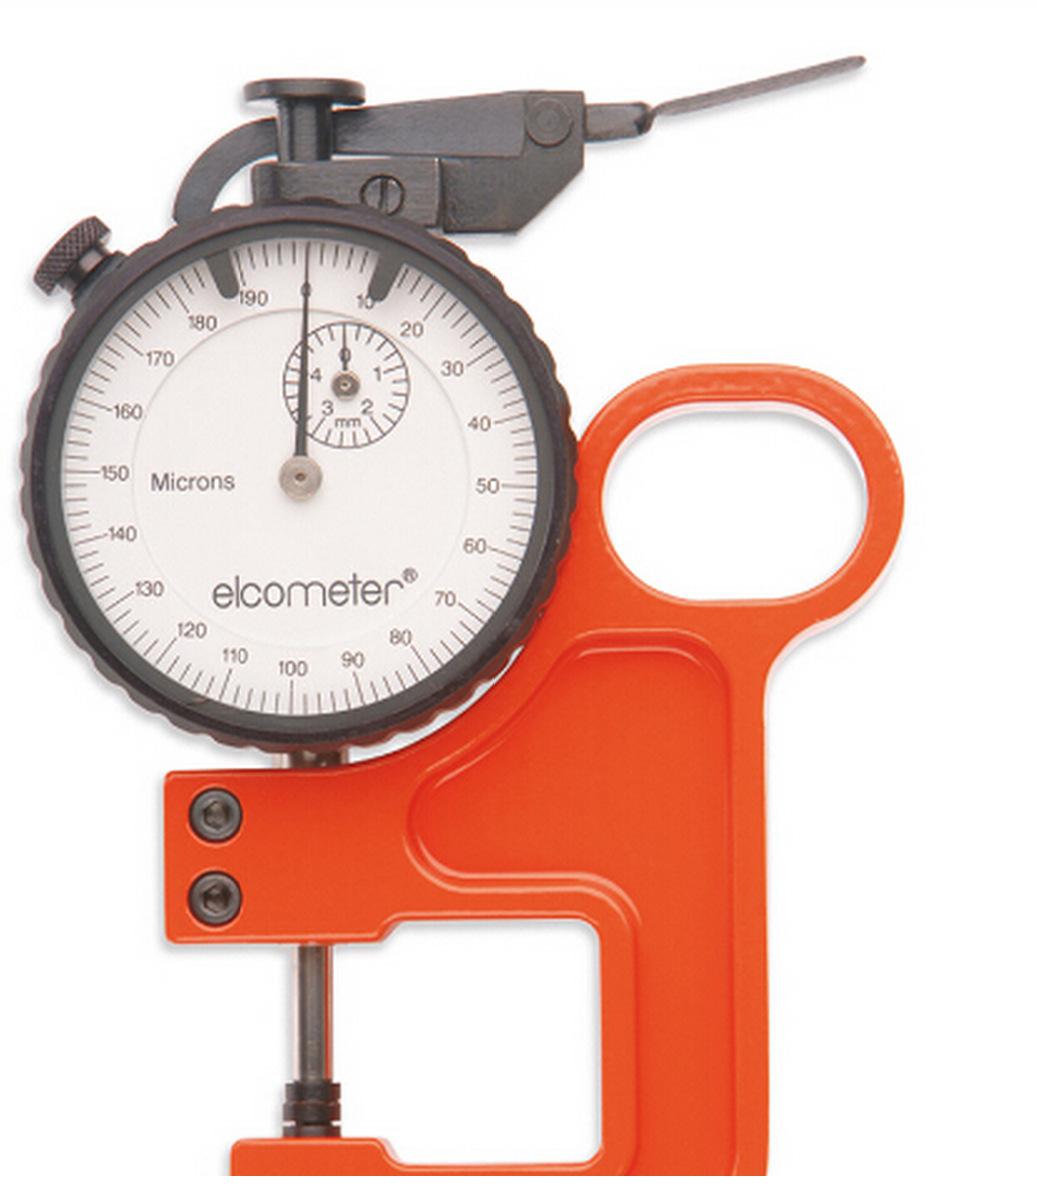 Elcometer Mạ màu Cung cấp máy đo độ dày Elcometer 124 chính hãng